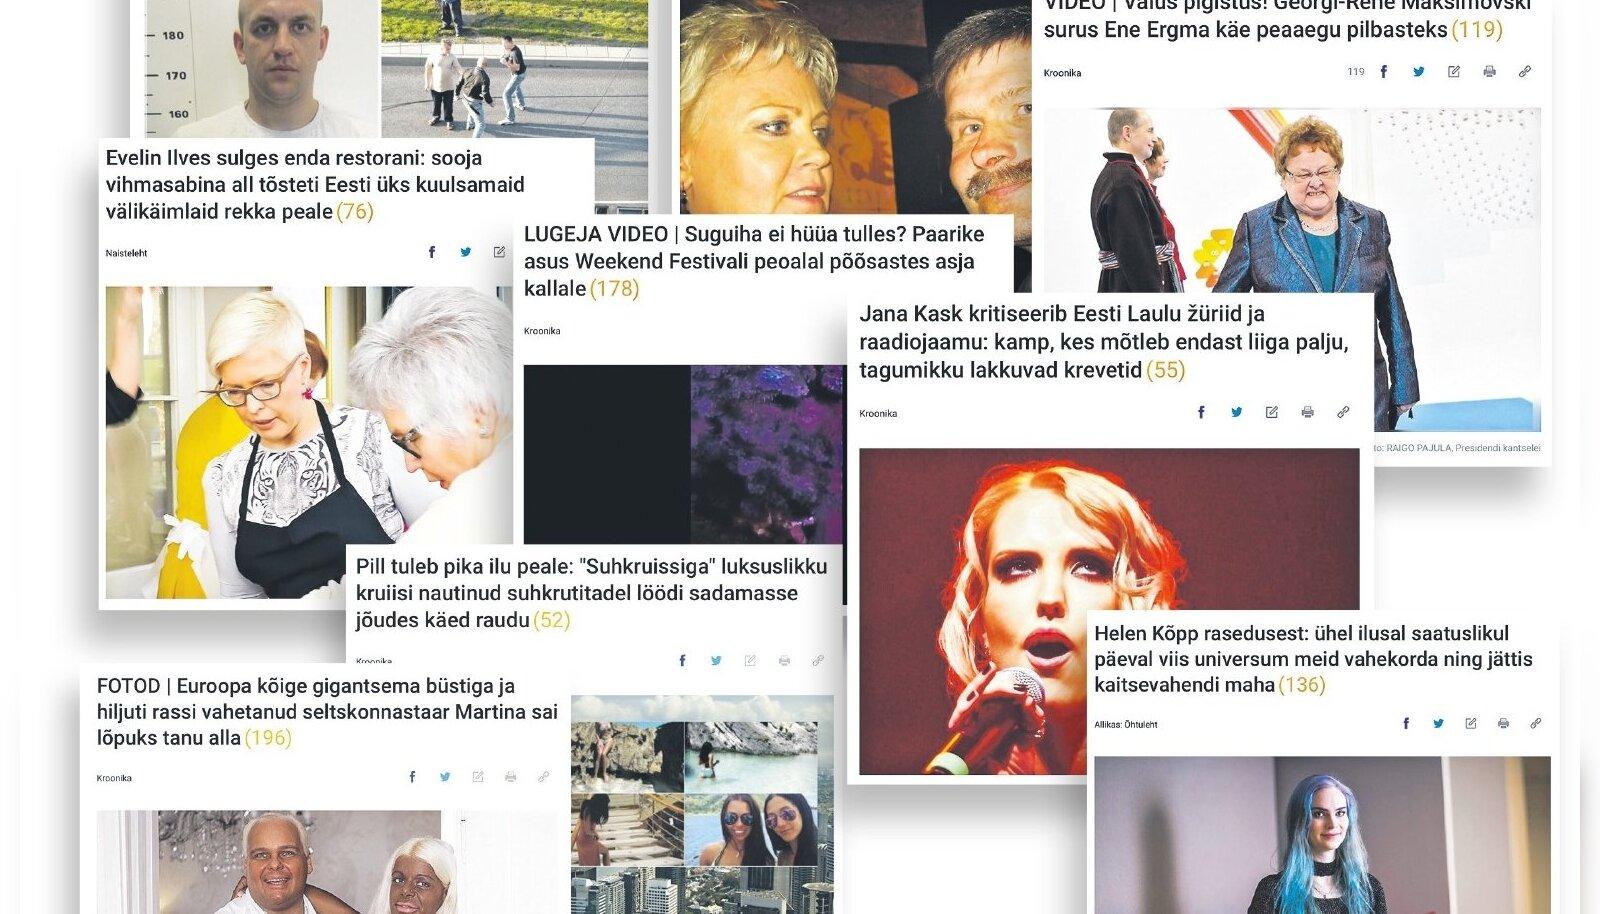 AUTORIKÜLG   Egert Pärna: Soros, Objektiiv, läänemaailma allakäik ja Brigitte Susanne Hundi tahmafilter?